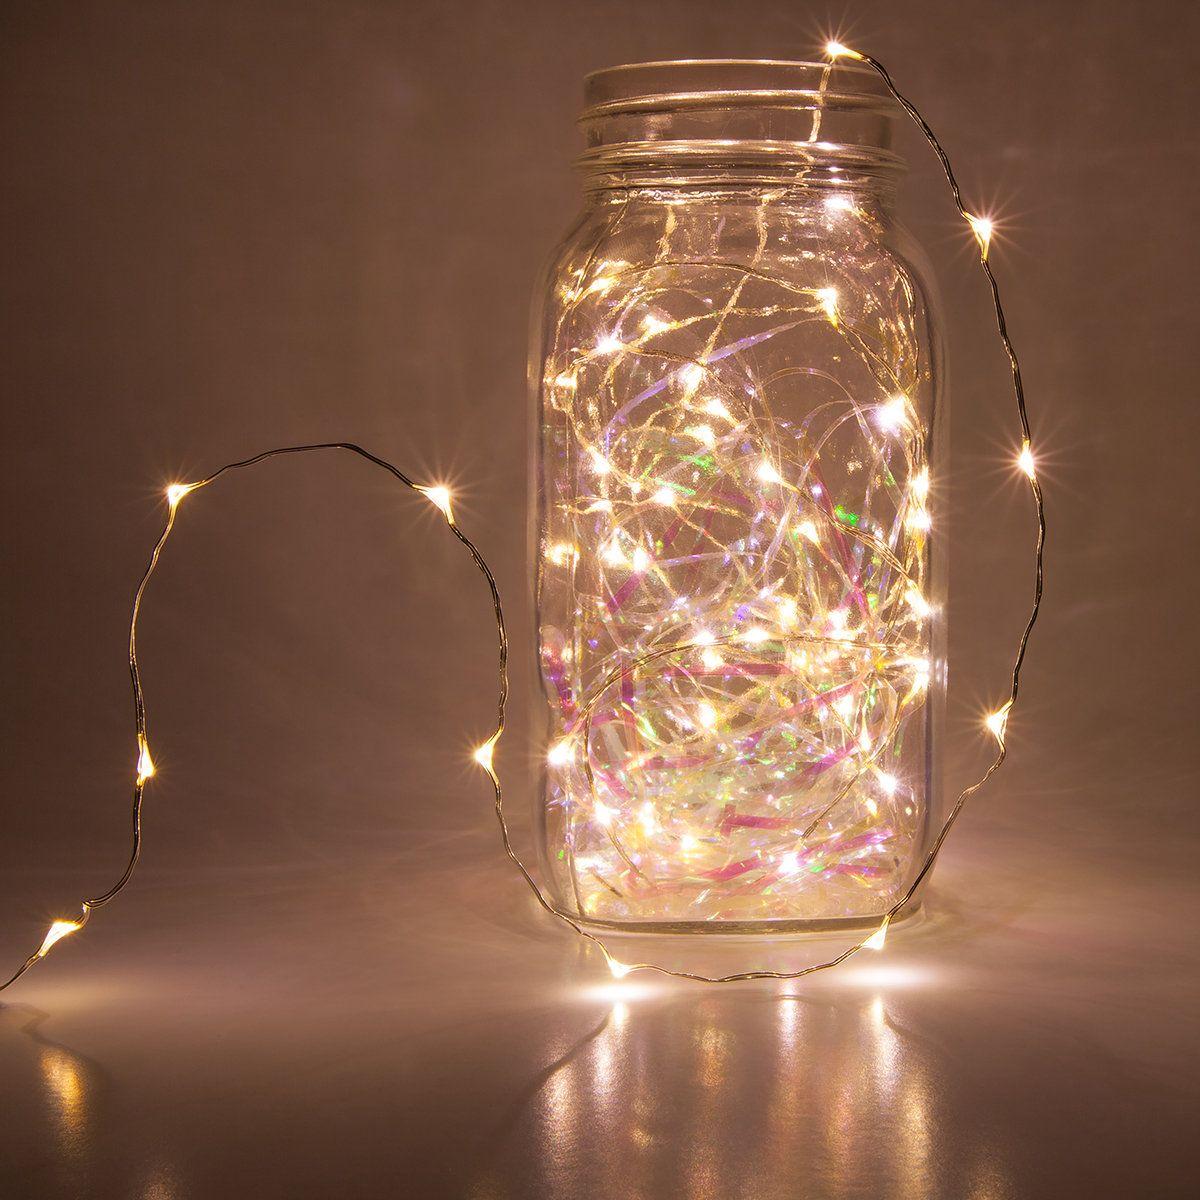 Pin On String Lights Diy Ideas